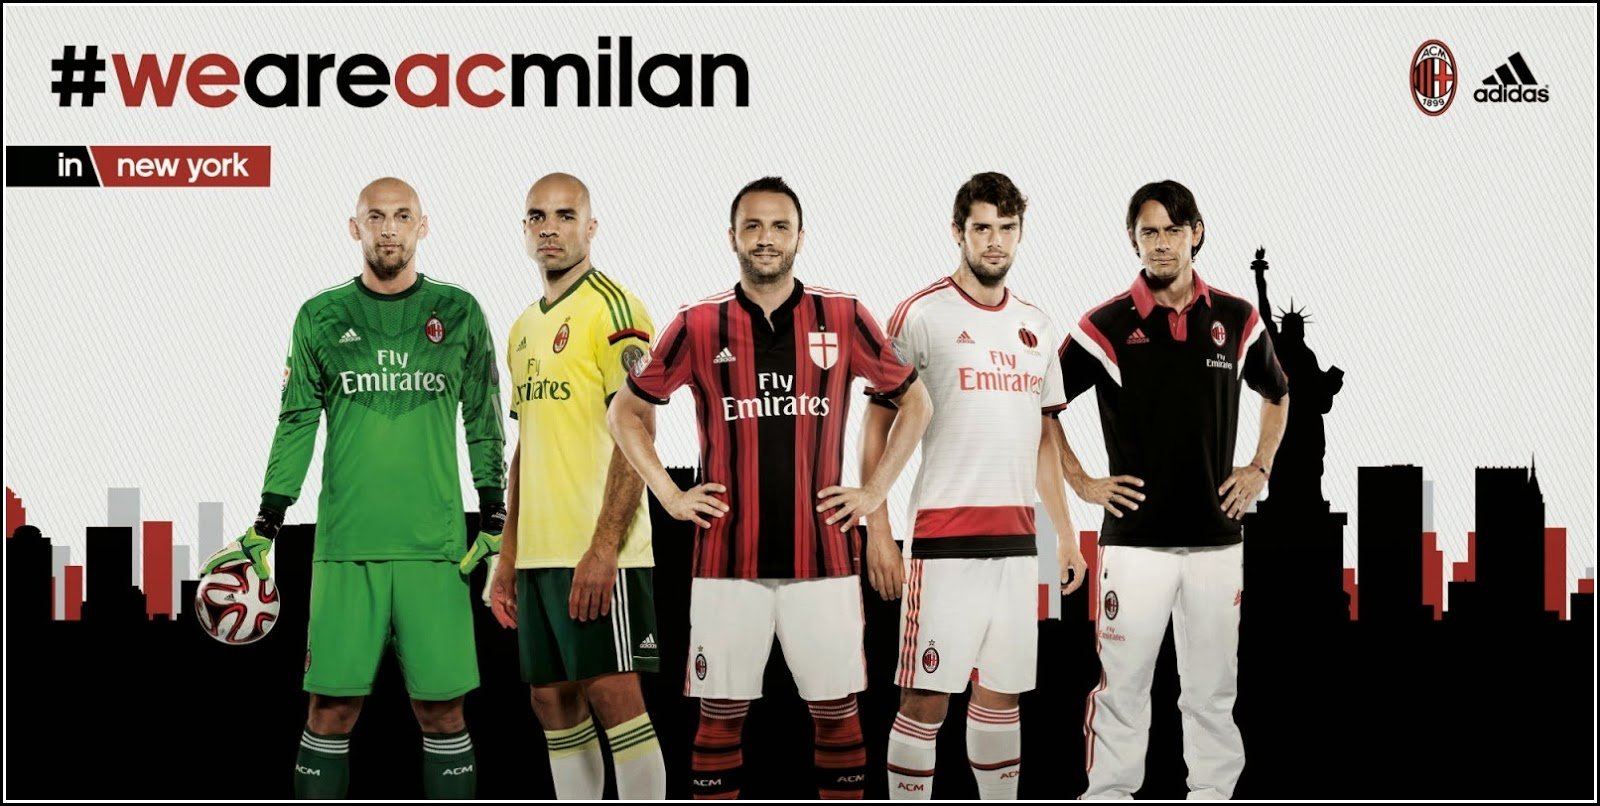 Wallpaper Ac Milan 2015 - Christian Abbiati, Alex Rodrigo Dias da Costa, Giampaolo Pazzini, Andrea Poli, Filippo Inzaghi